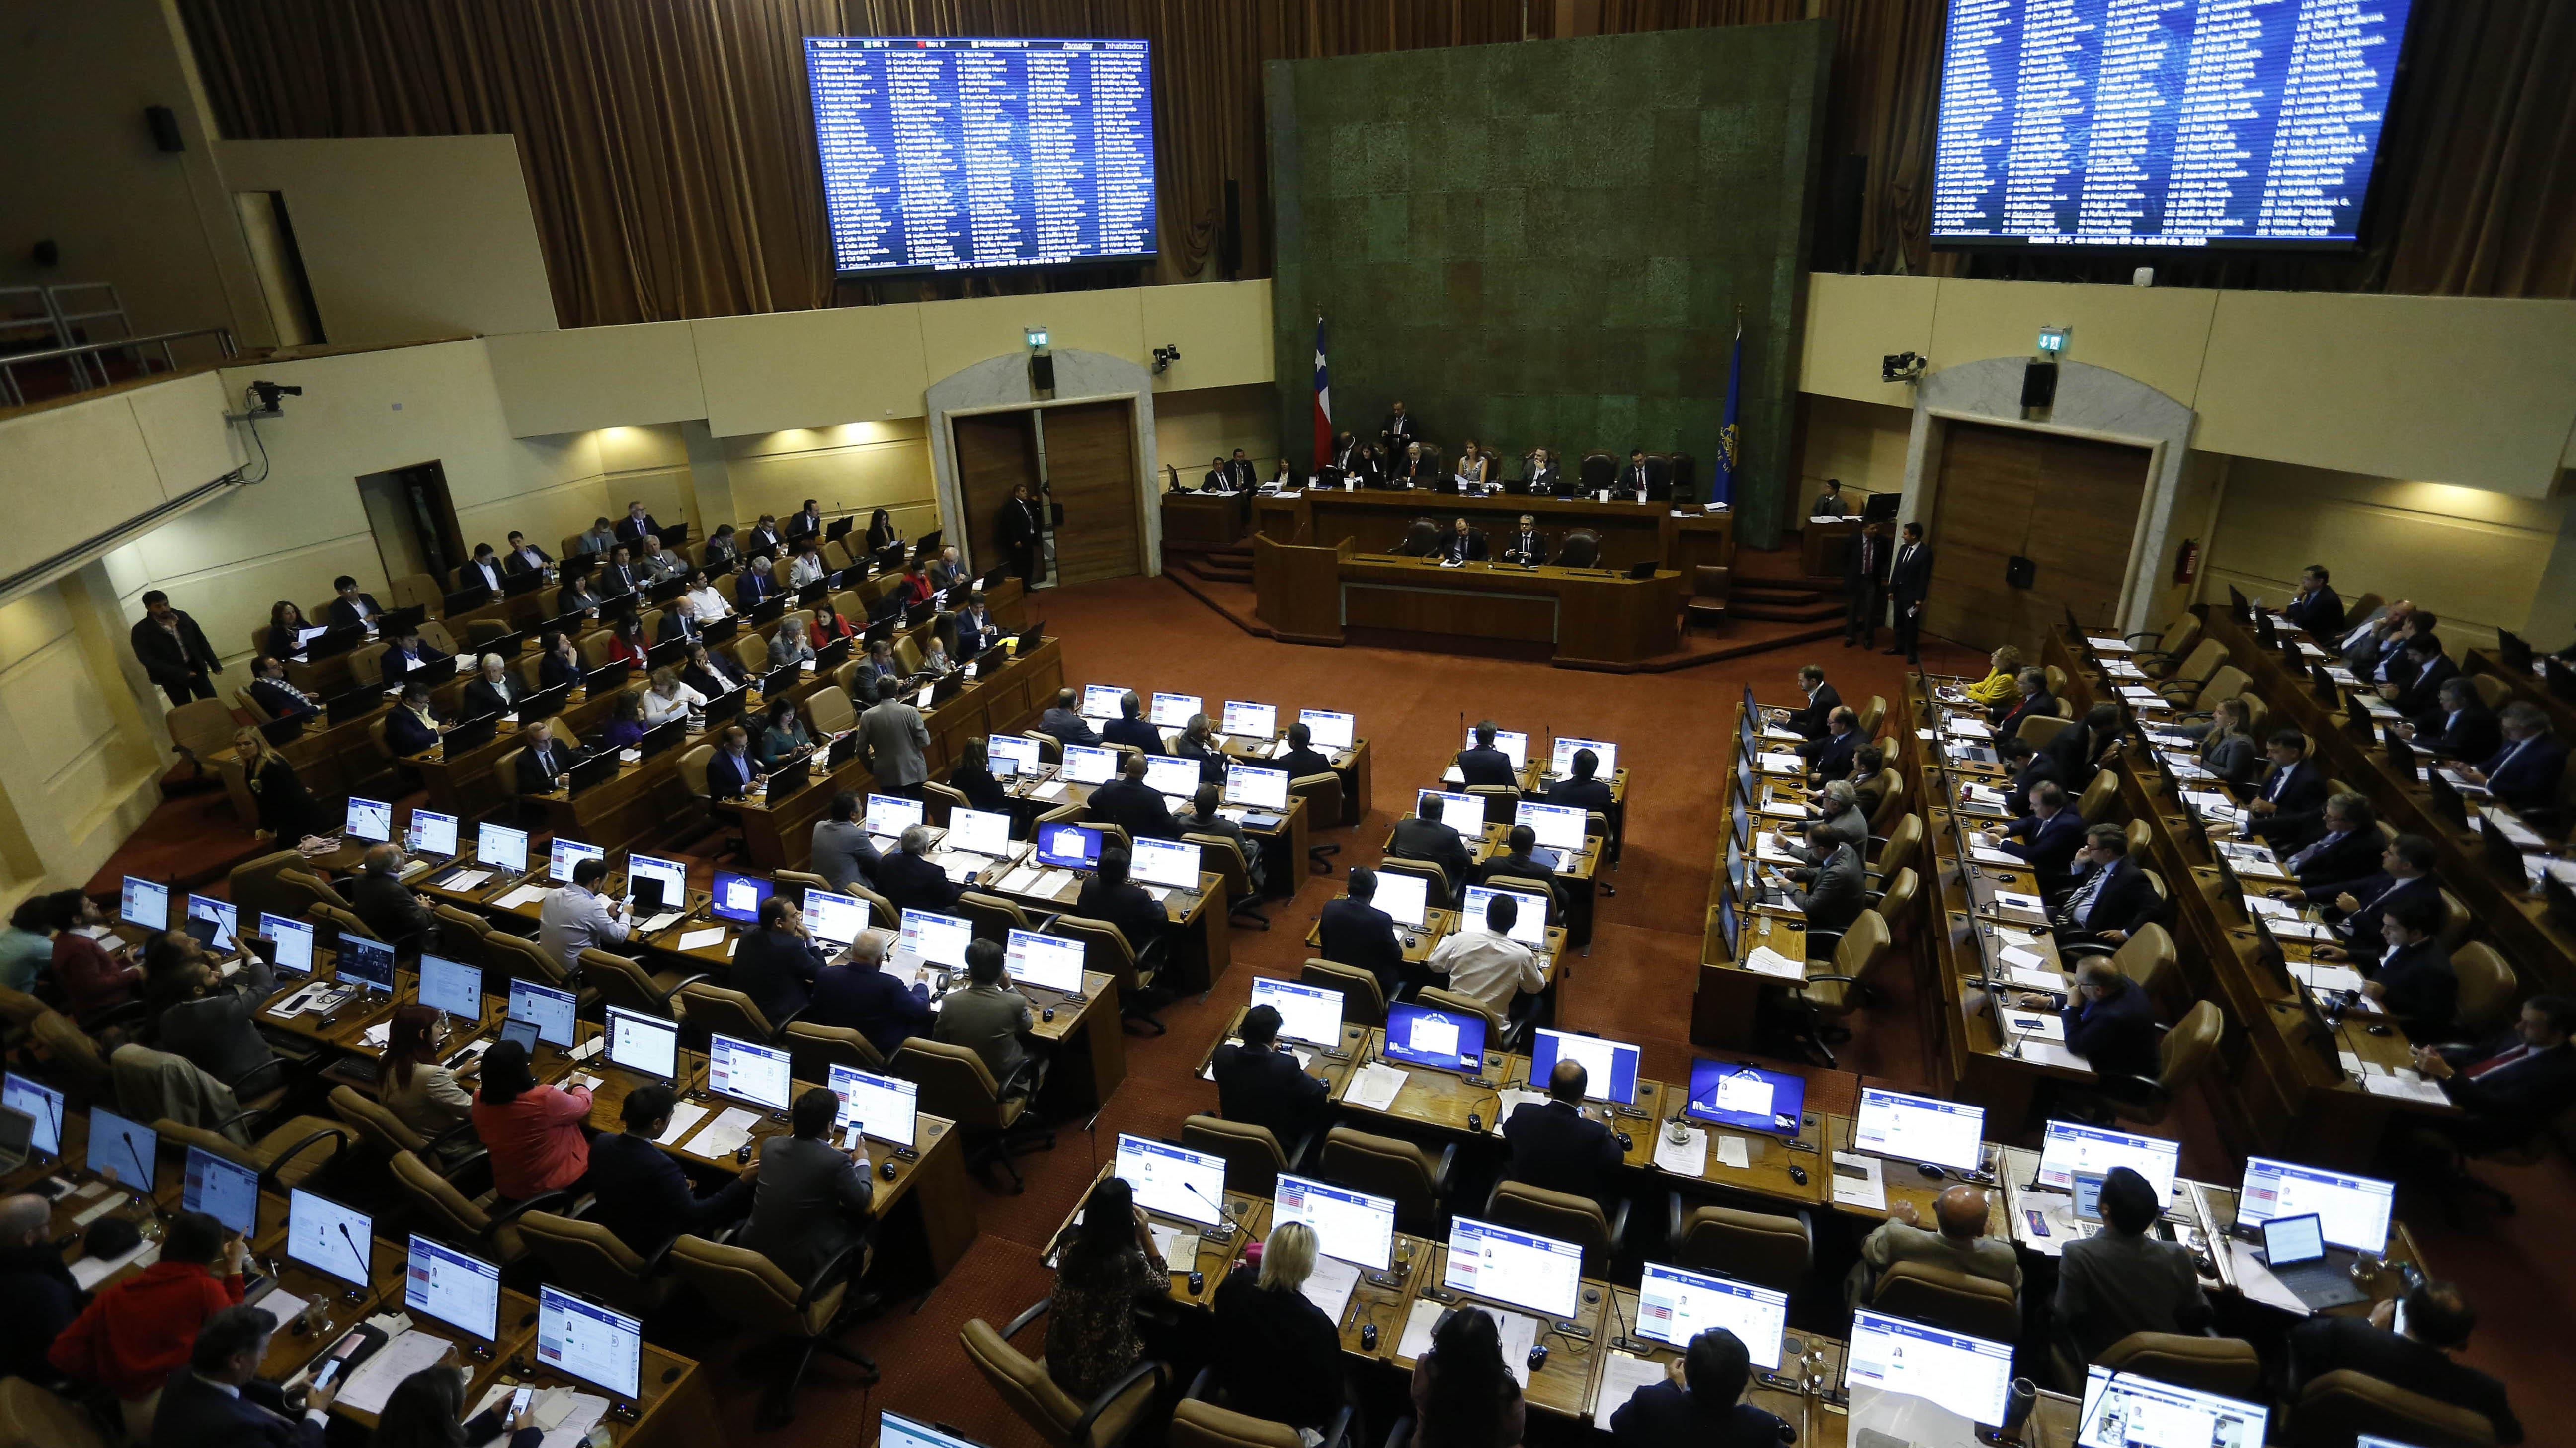 La votación en Sala del TPP11 será con quórum simple tras acuerdo en la comisión de Constitución